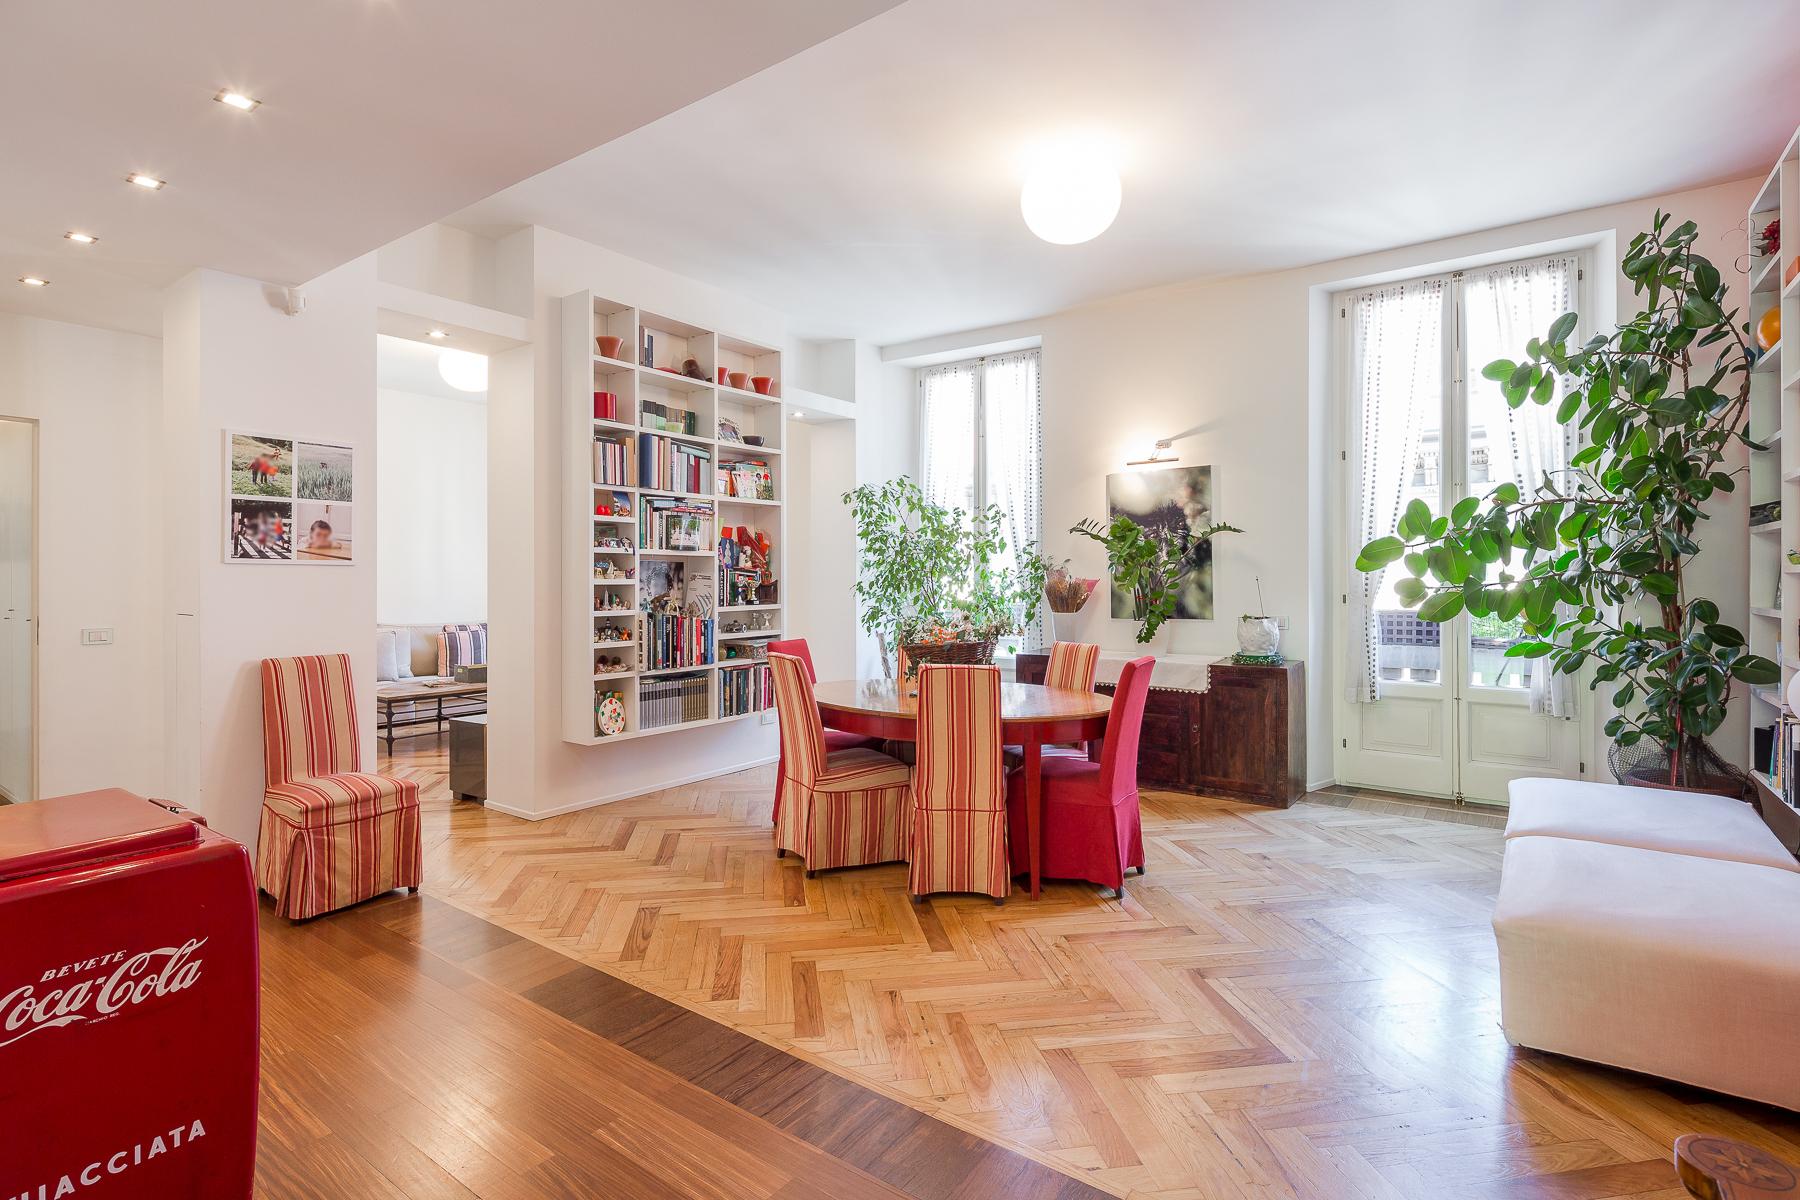 Appartamento in Vendita a Milano corso italia